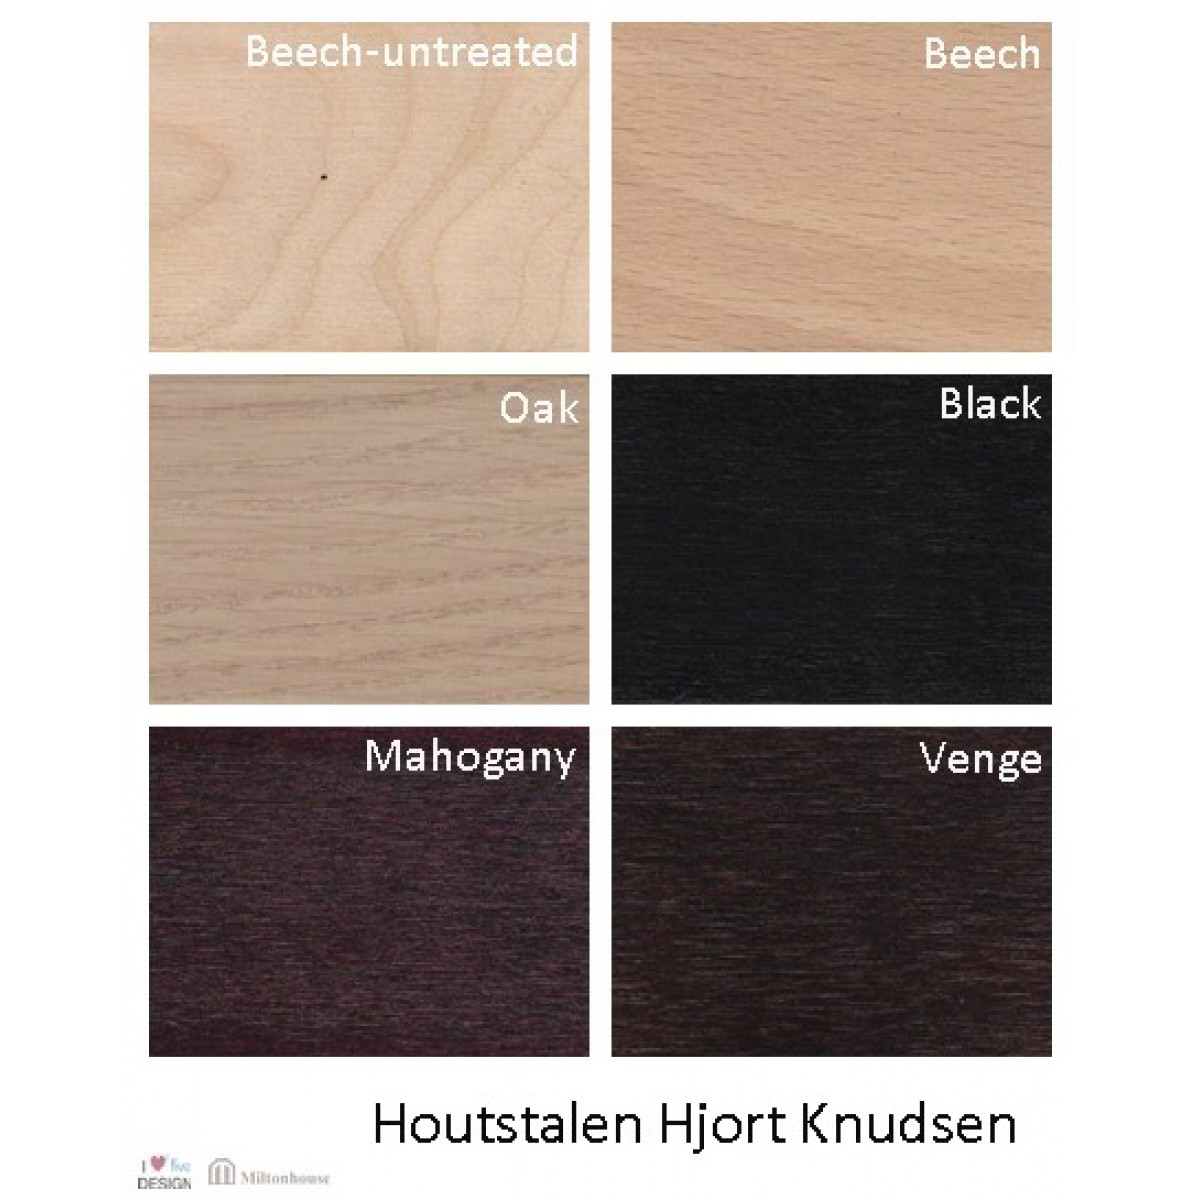 hout-stalen-wood-samples-hjort-knudsen